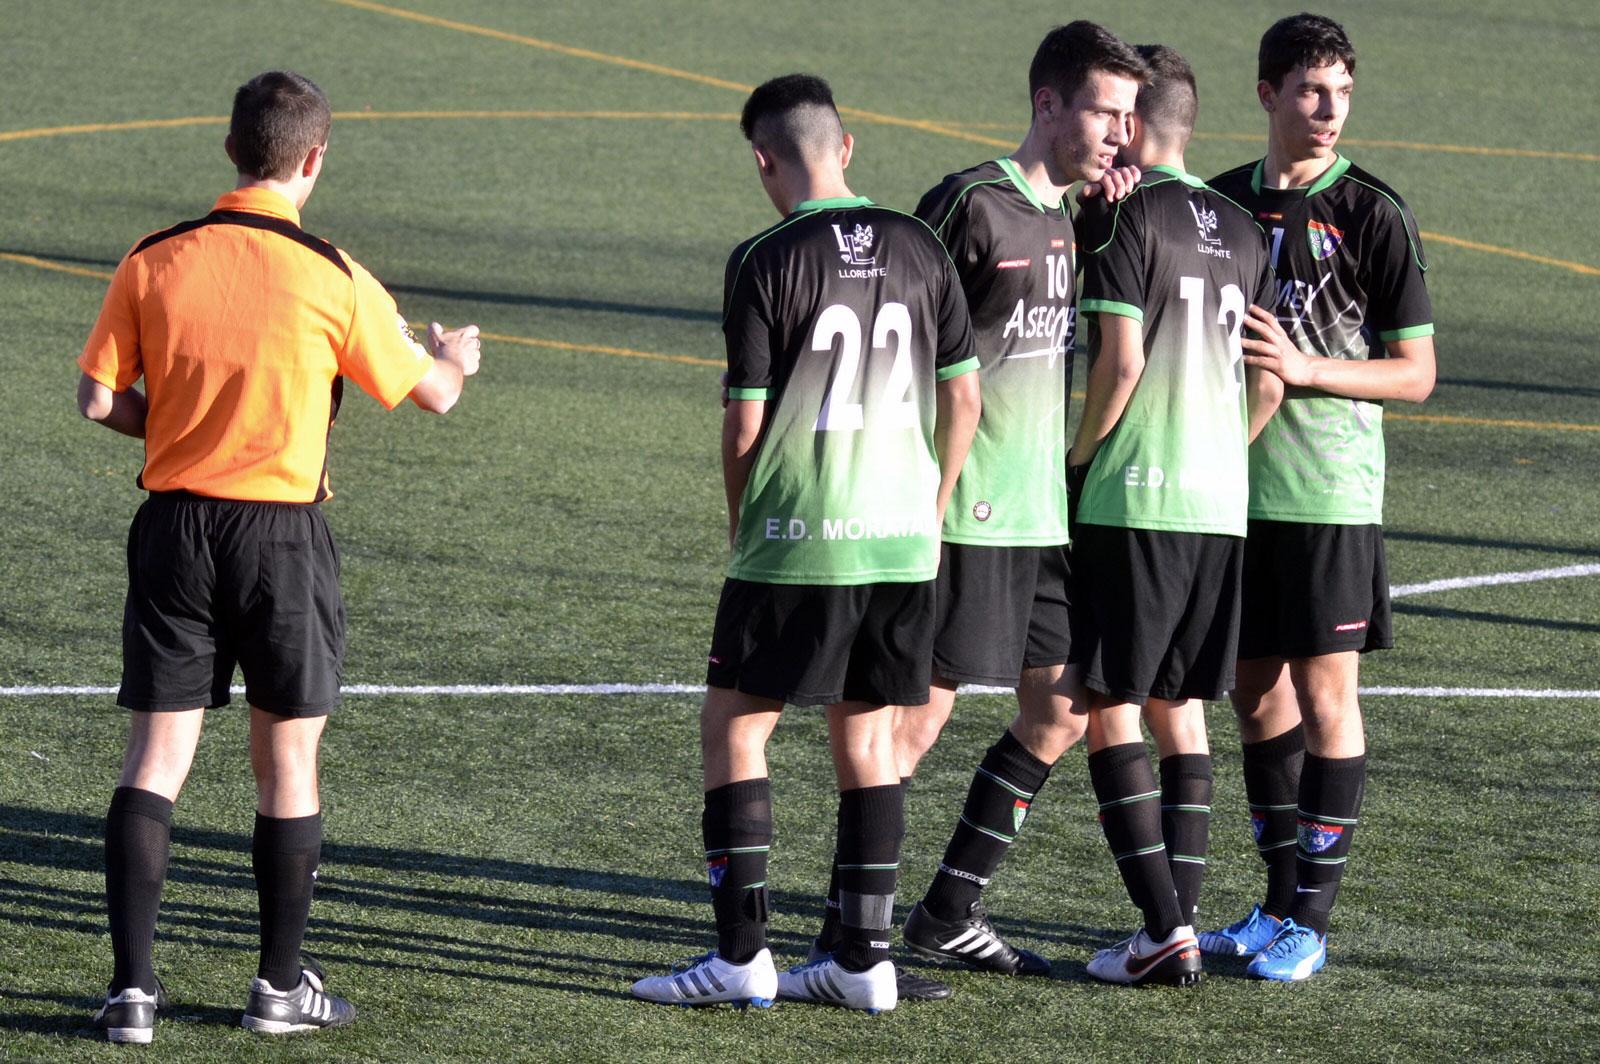 Crónica y fotos del partido AD Villaverde Bajo B 3-2 Juvenil D